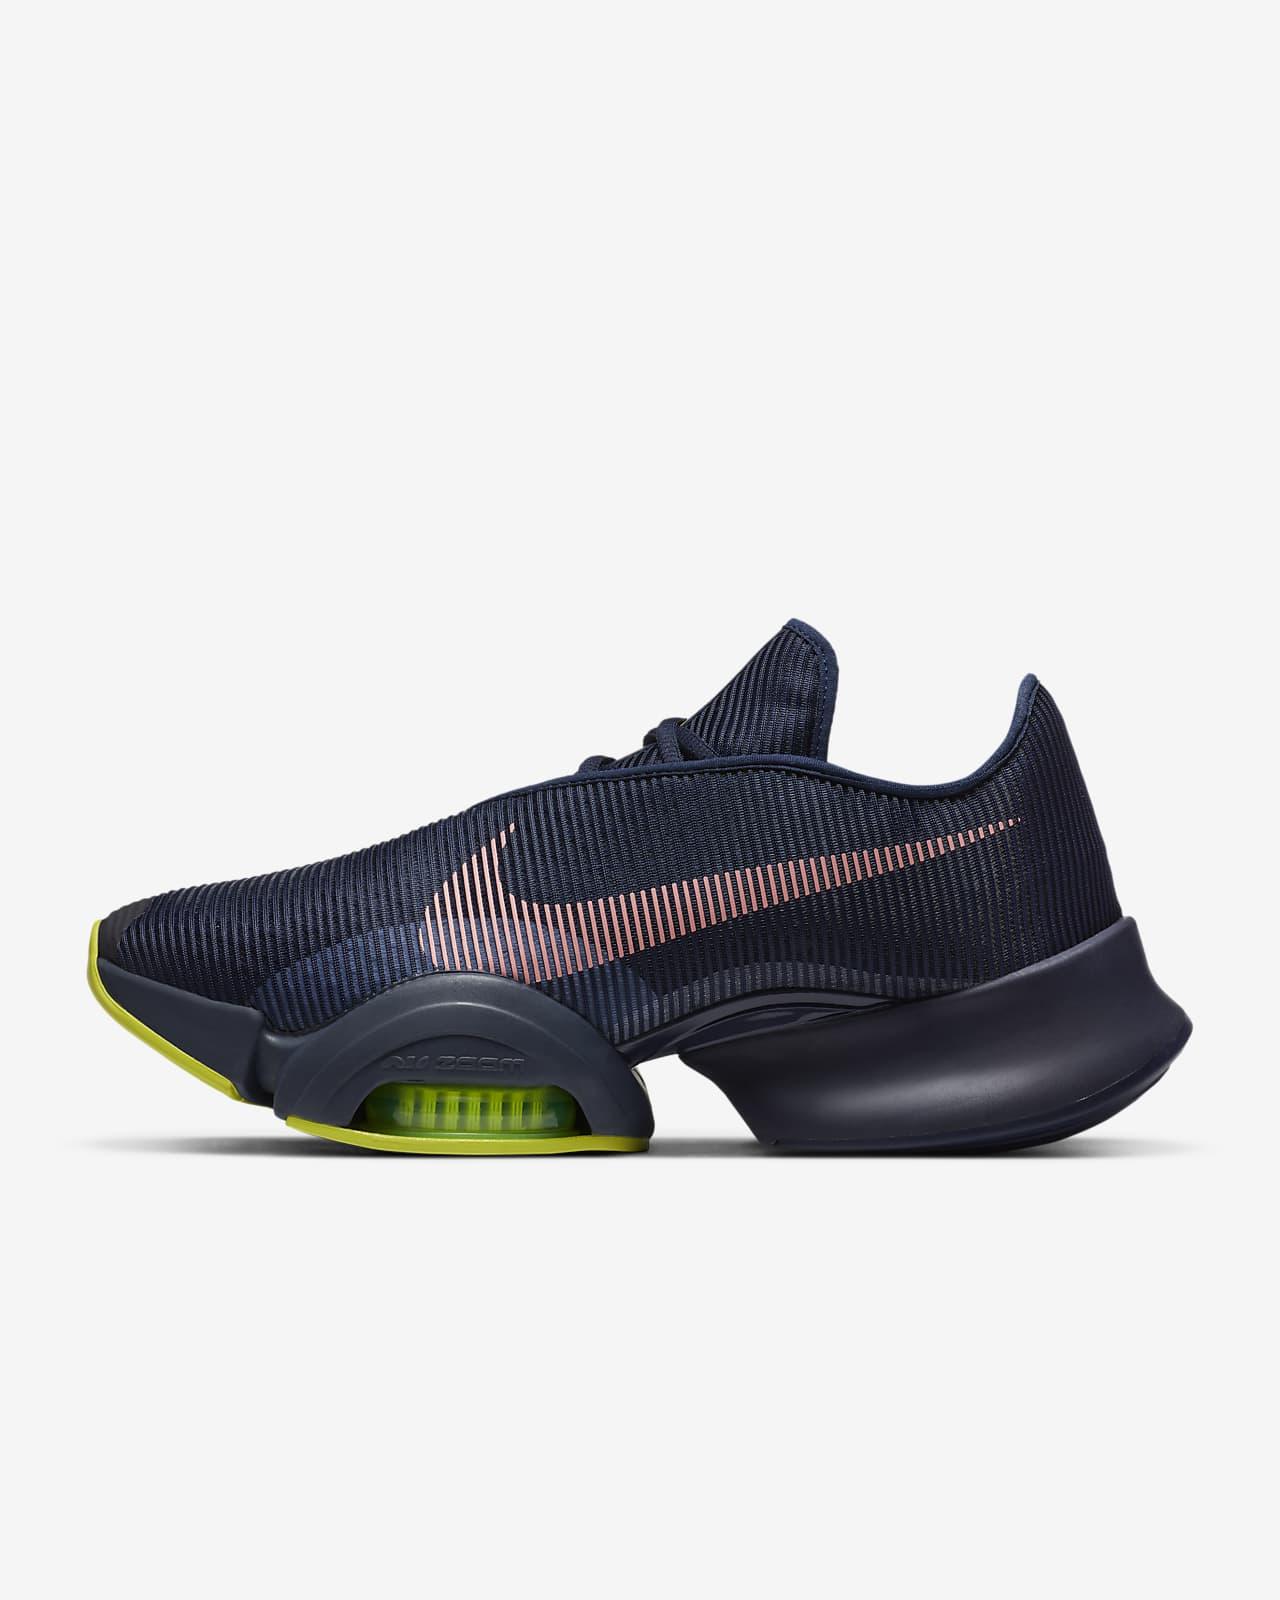 รองเท้าผู้ชายสำหรับคลาส HIIT Nike Air Zoom SuperRep 2